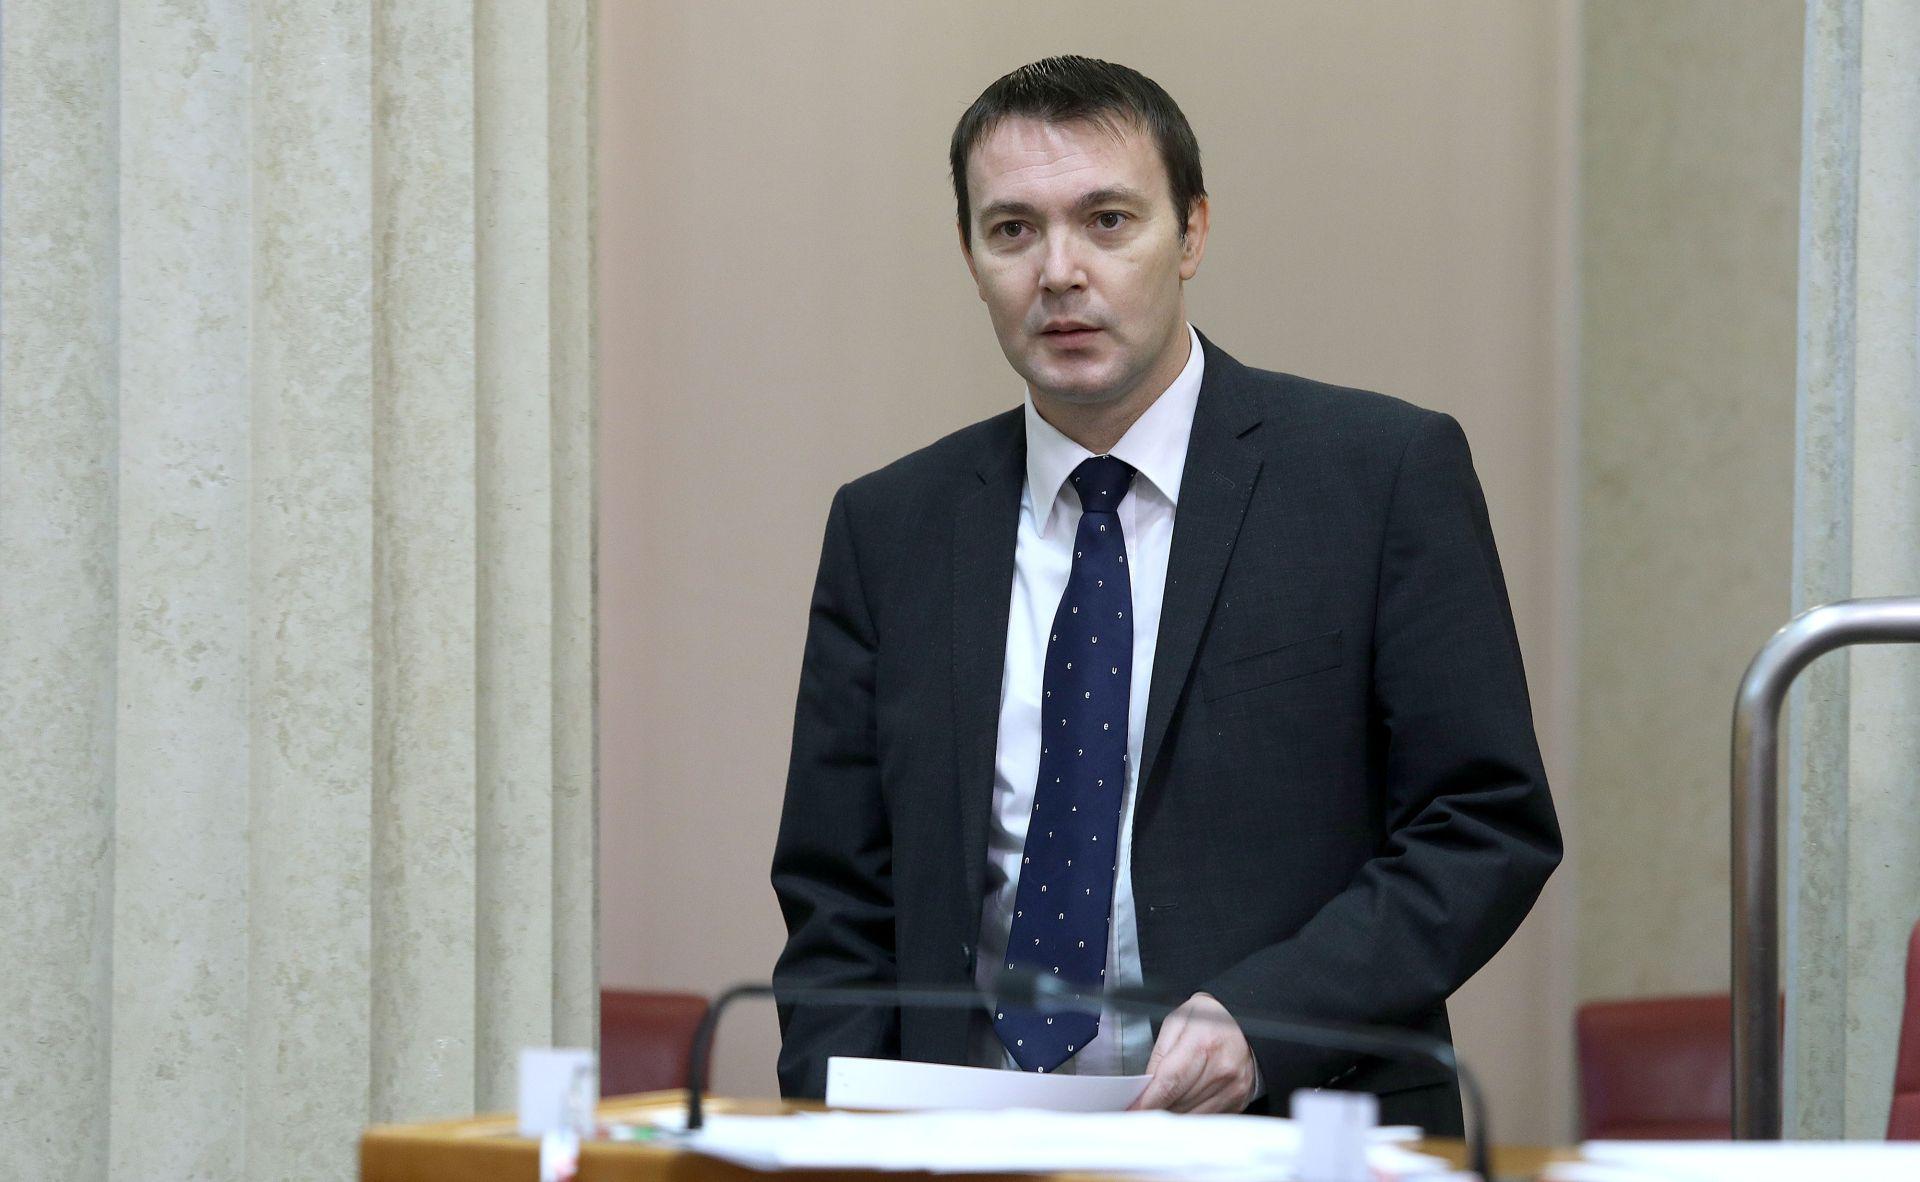 BAUK: Klub SDP-a koristit će sva sredstva parlamentarne borbe